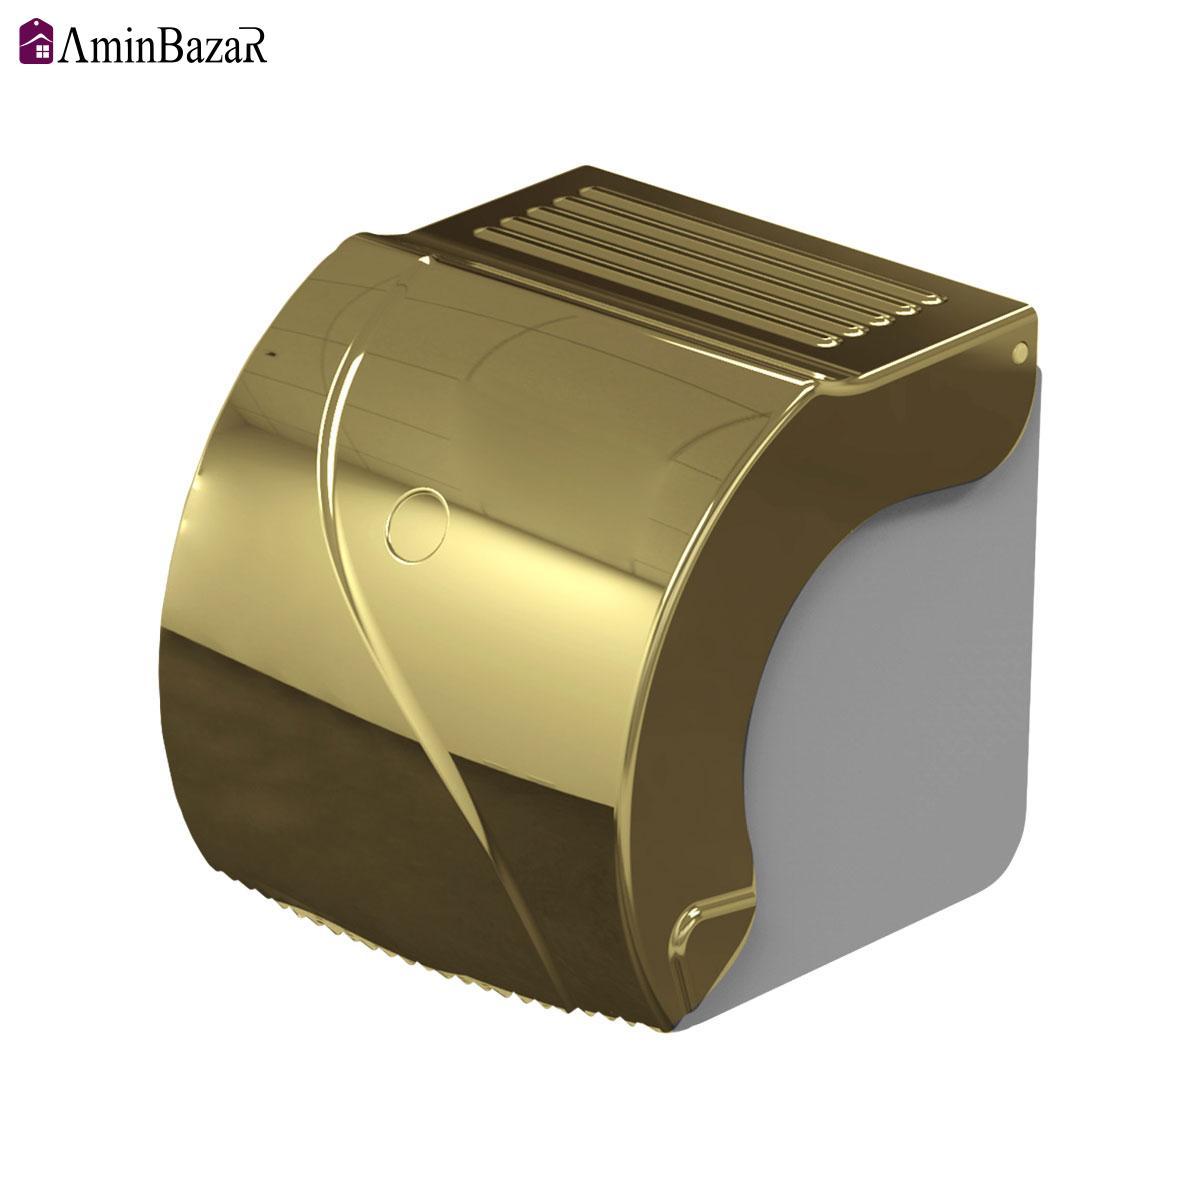 جا دستمال طلایی توالت سنی پلاستیک مدل مادیس